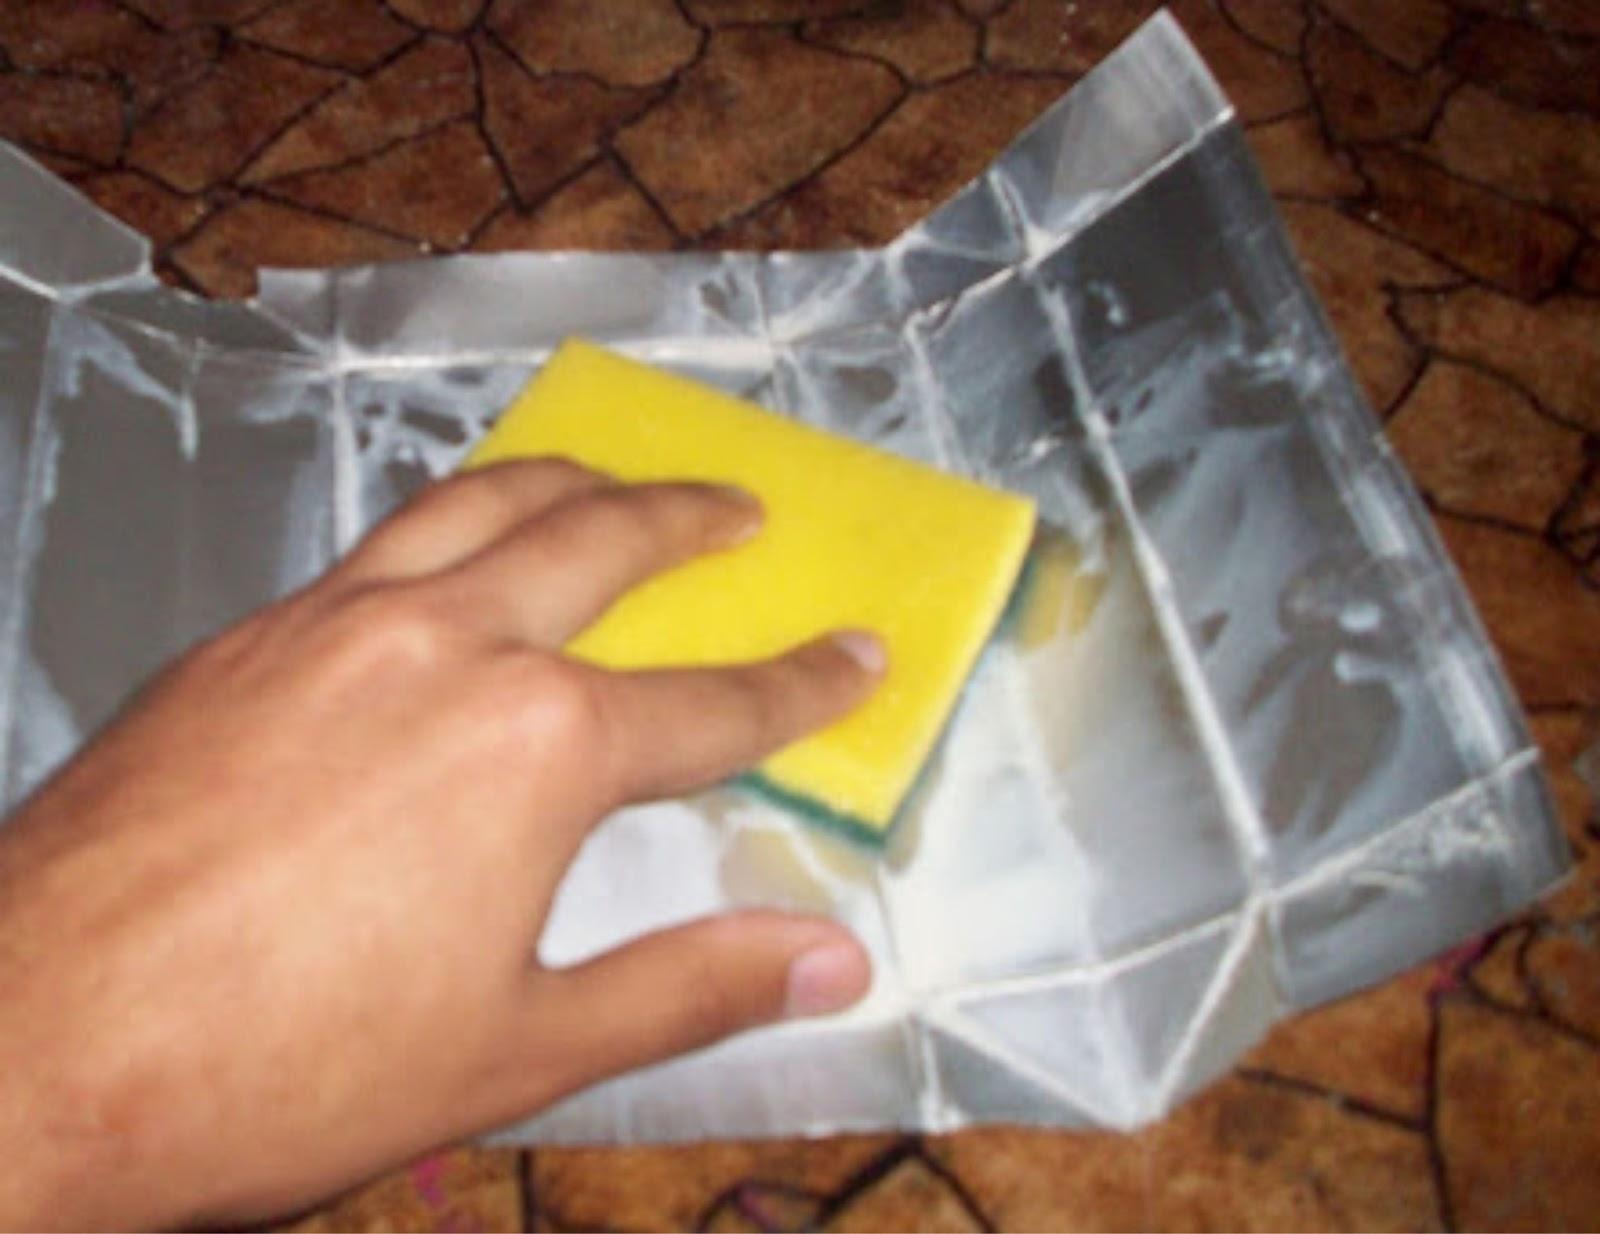 Hábito Legal: Recolhimento de caixinhas Tetra Pak é nesse sábado em Videira 05